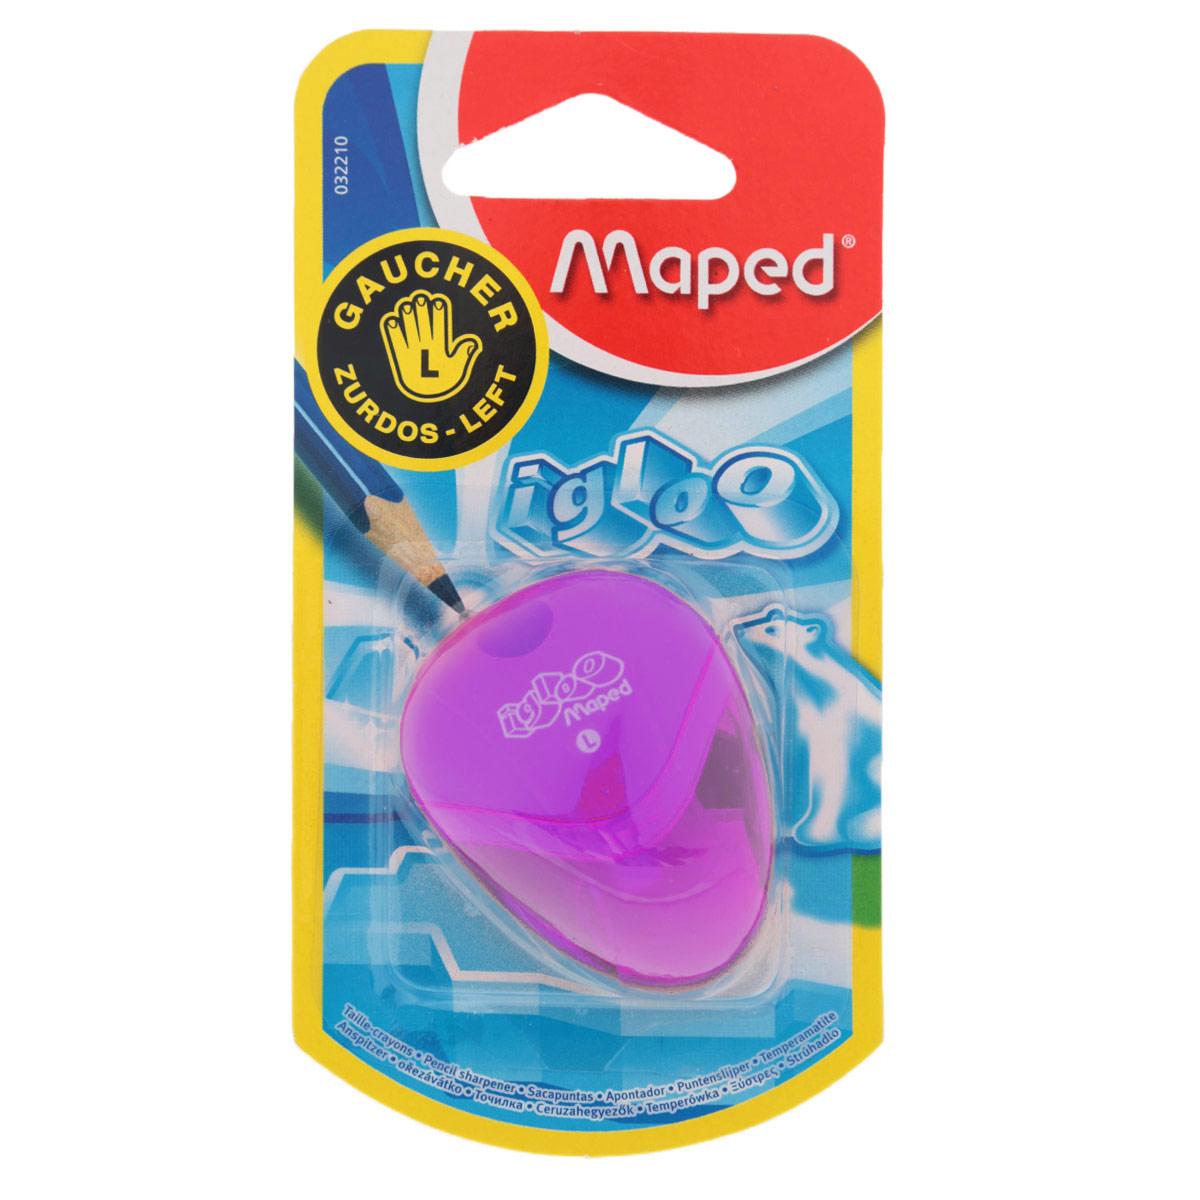 Точилка Maped Igloo, для левшей, цвет: фиолетовый32210_фиолетовыйТочилка Igloo для левшей с одним отверстием выполнена из ударопрочного пластика. Полупрозрачный контейнер для сбора стружки позволяет визуально контролировать уровень заполнения и вовремя производить очистку. Подходит как для школы, так и для офиса. Рекомендовано детям старше трех лет.